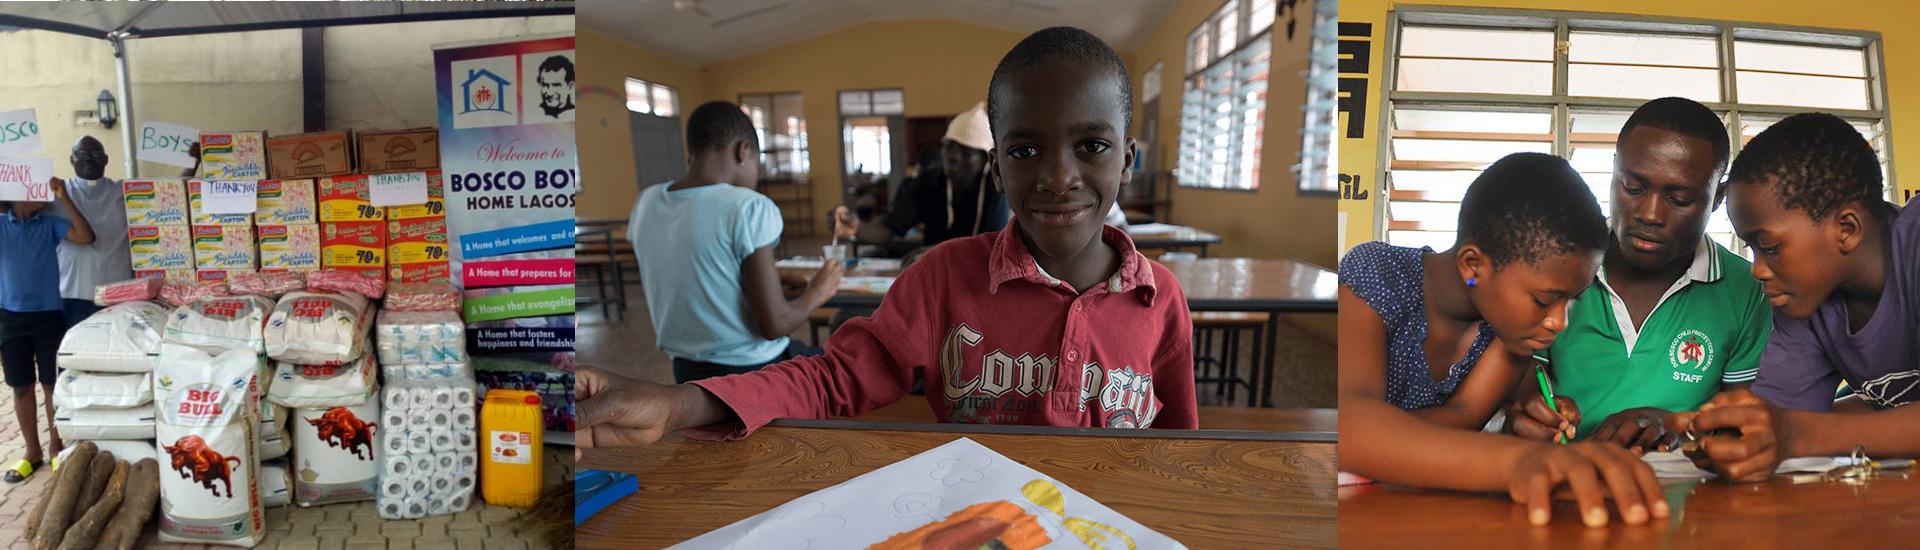 La asistencia a los niños en situación de calle en Nigeria no se detiene en tiempos de pandemia